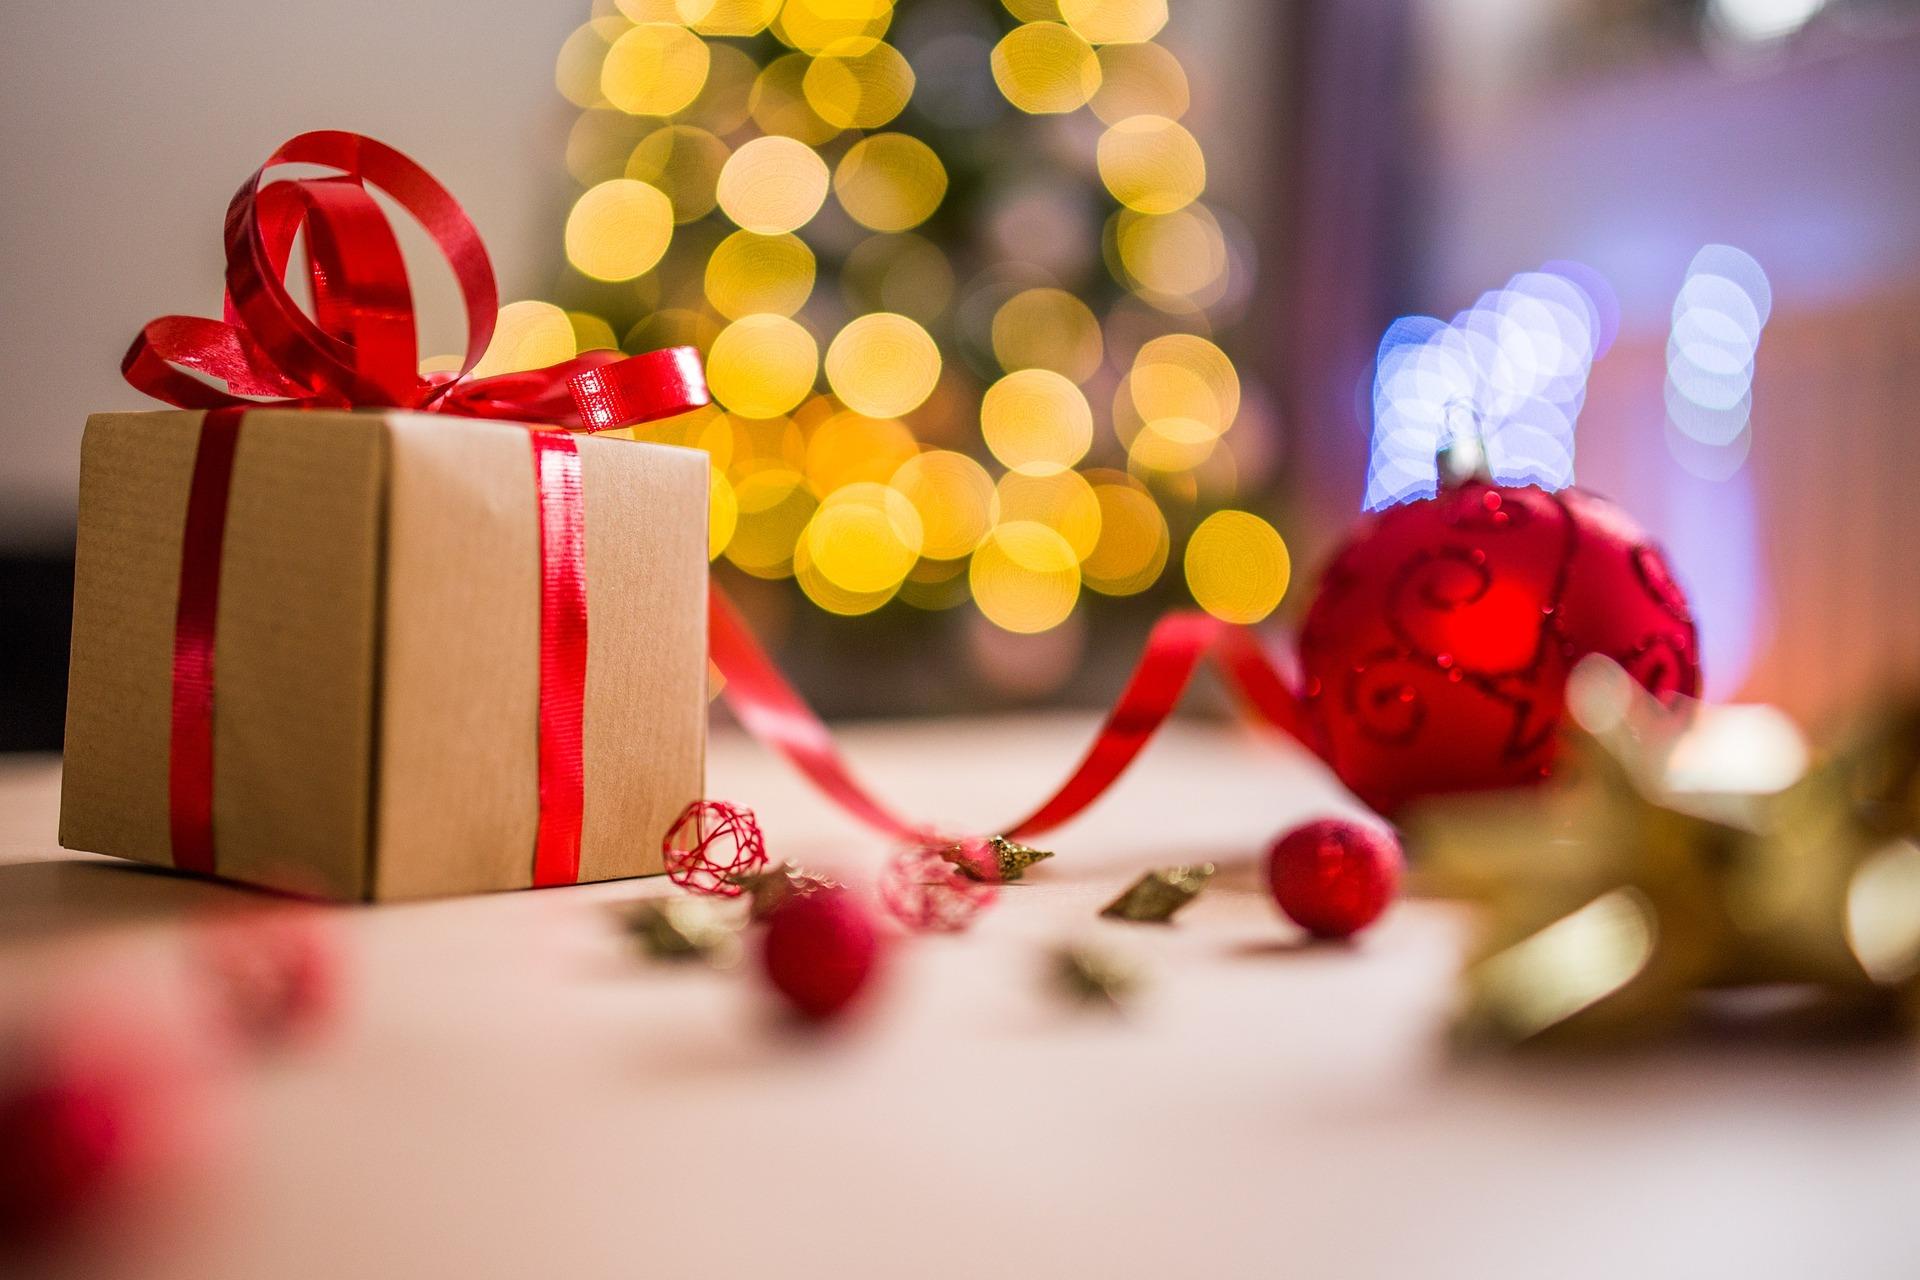 Weihnachten | pixabay.com CC0